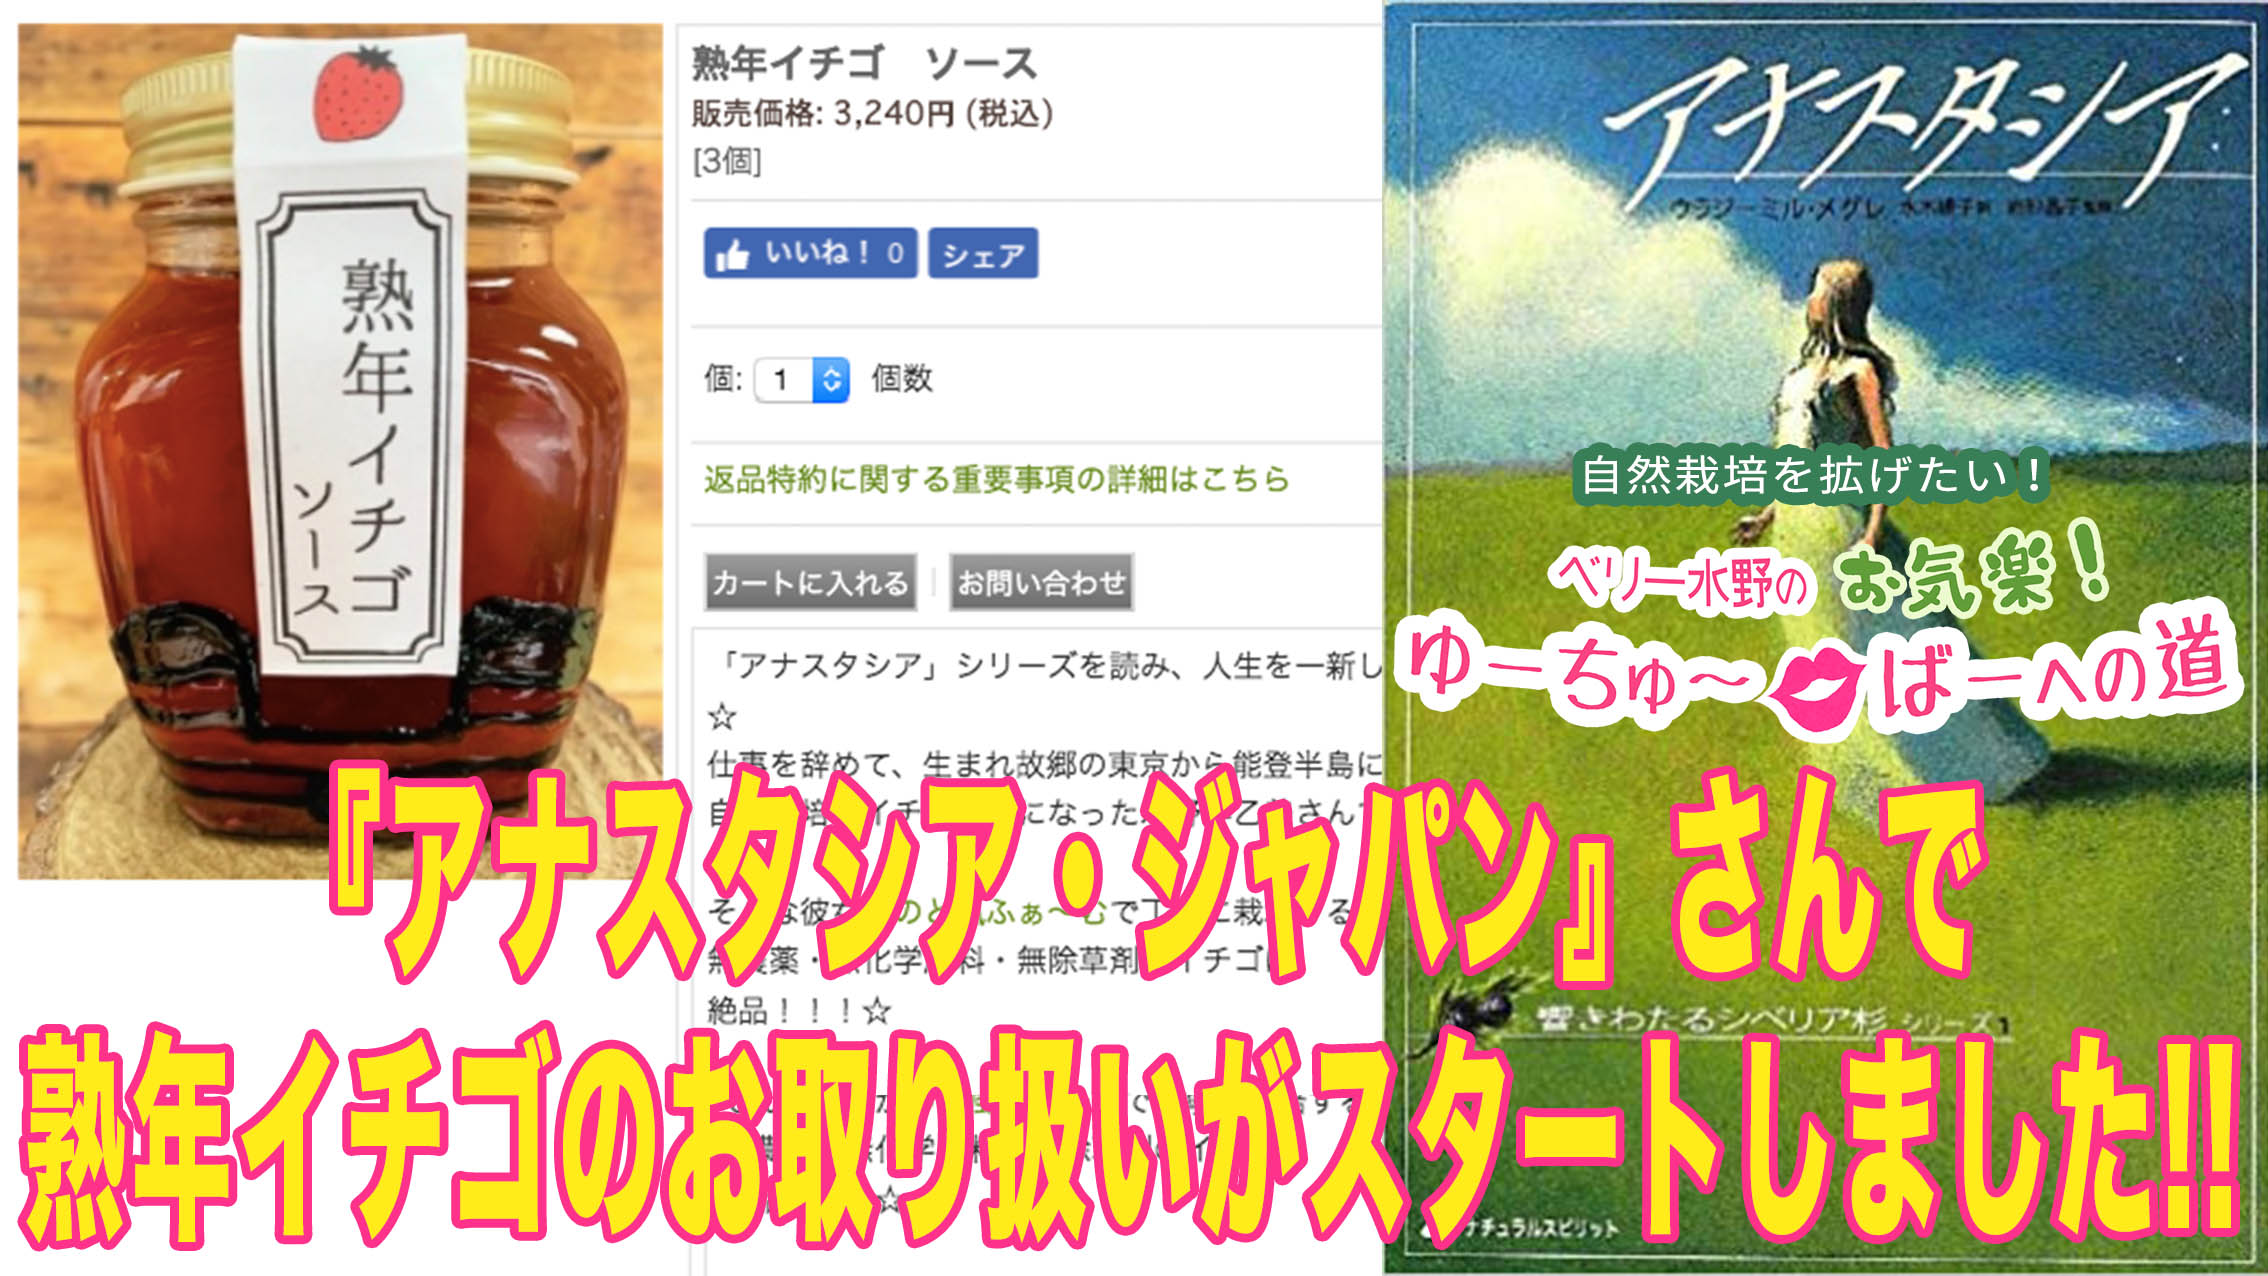 アナスタシア・ジャパン公式サイトにて熟年イチゴのお取り扱いがスタートしました!!